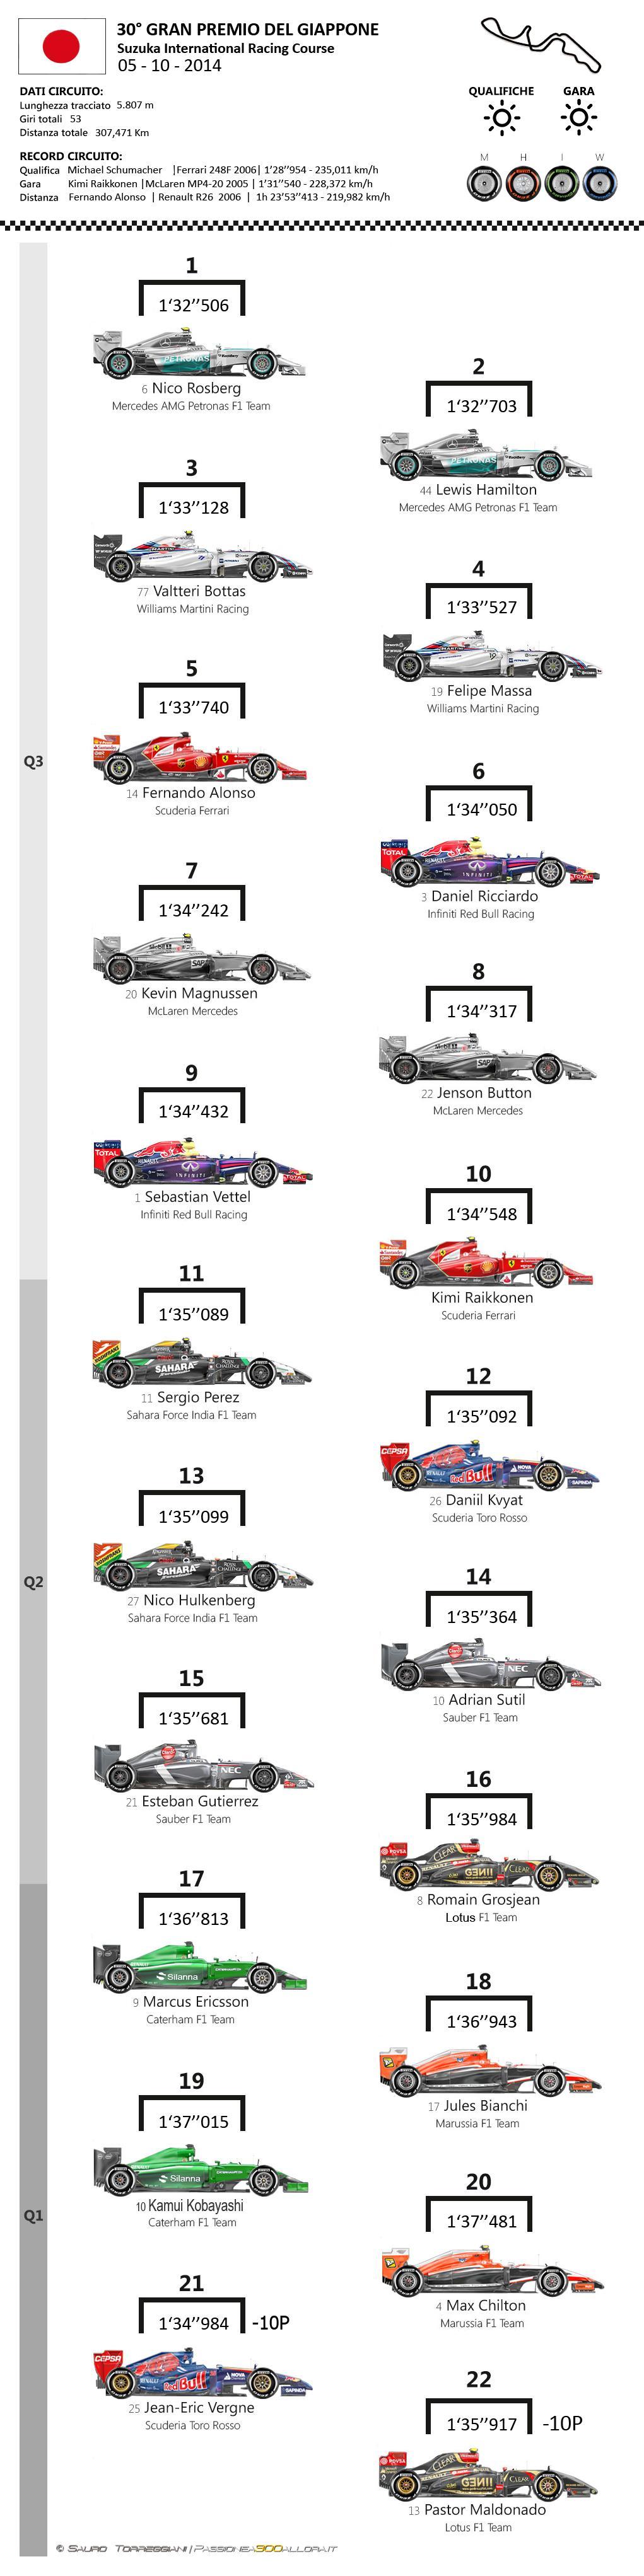 Gran Premio del Giappone 2014: la griglia di partenza